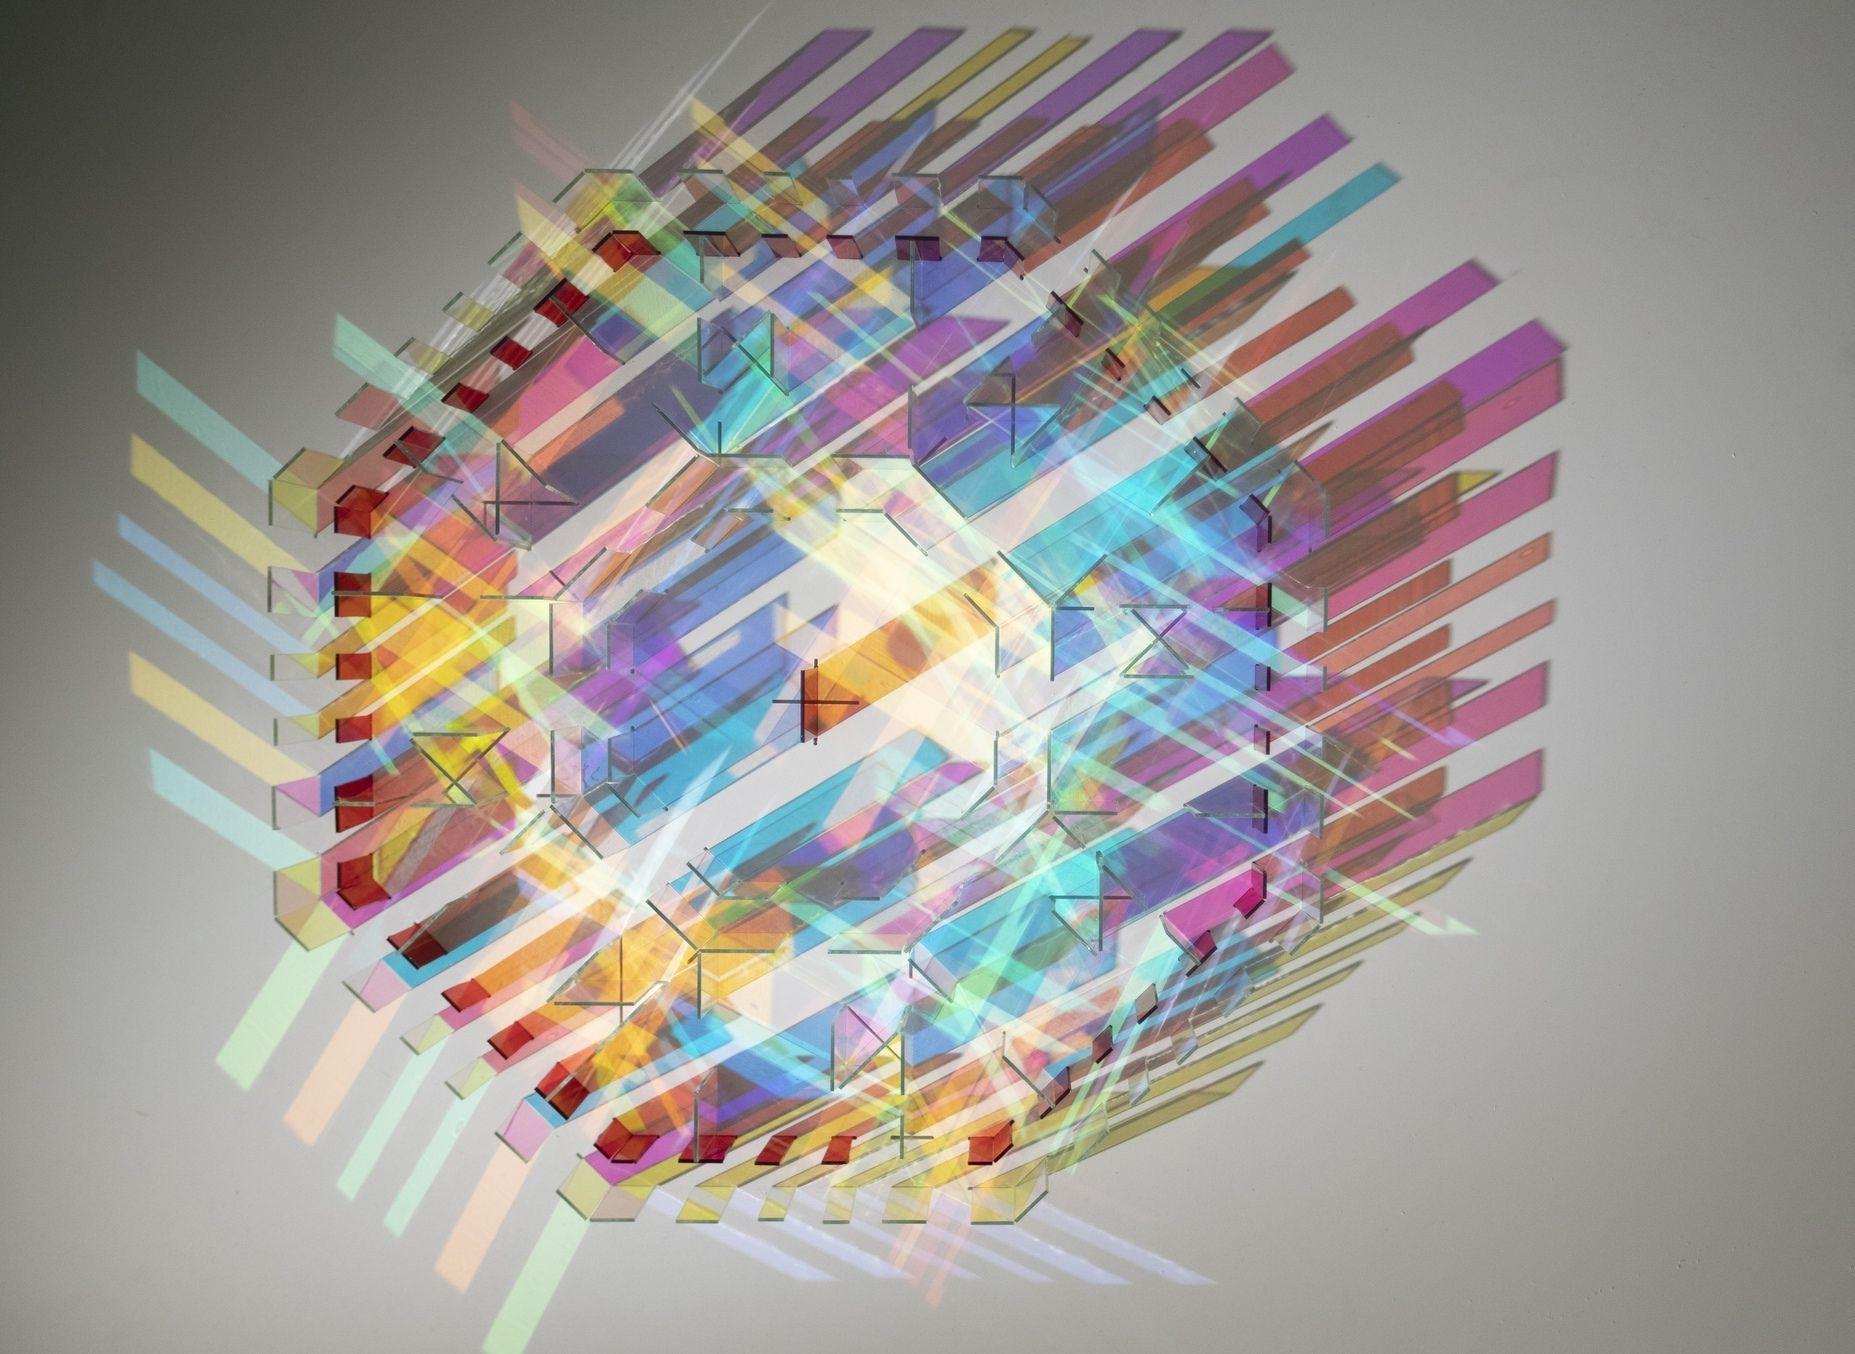 Магия стекла: автор выставки в «Царицыне» проведет кураторскую экскурсию